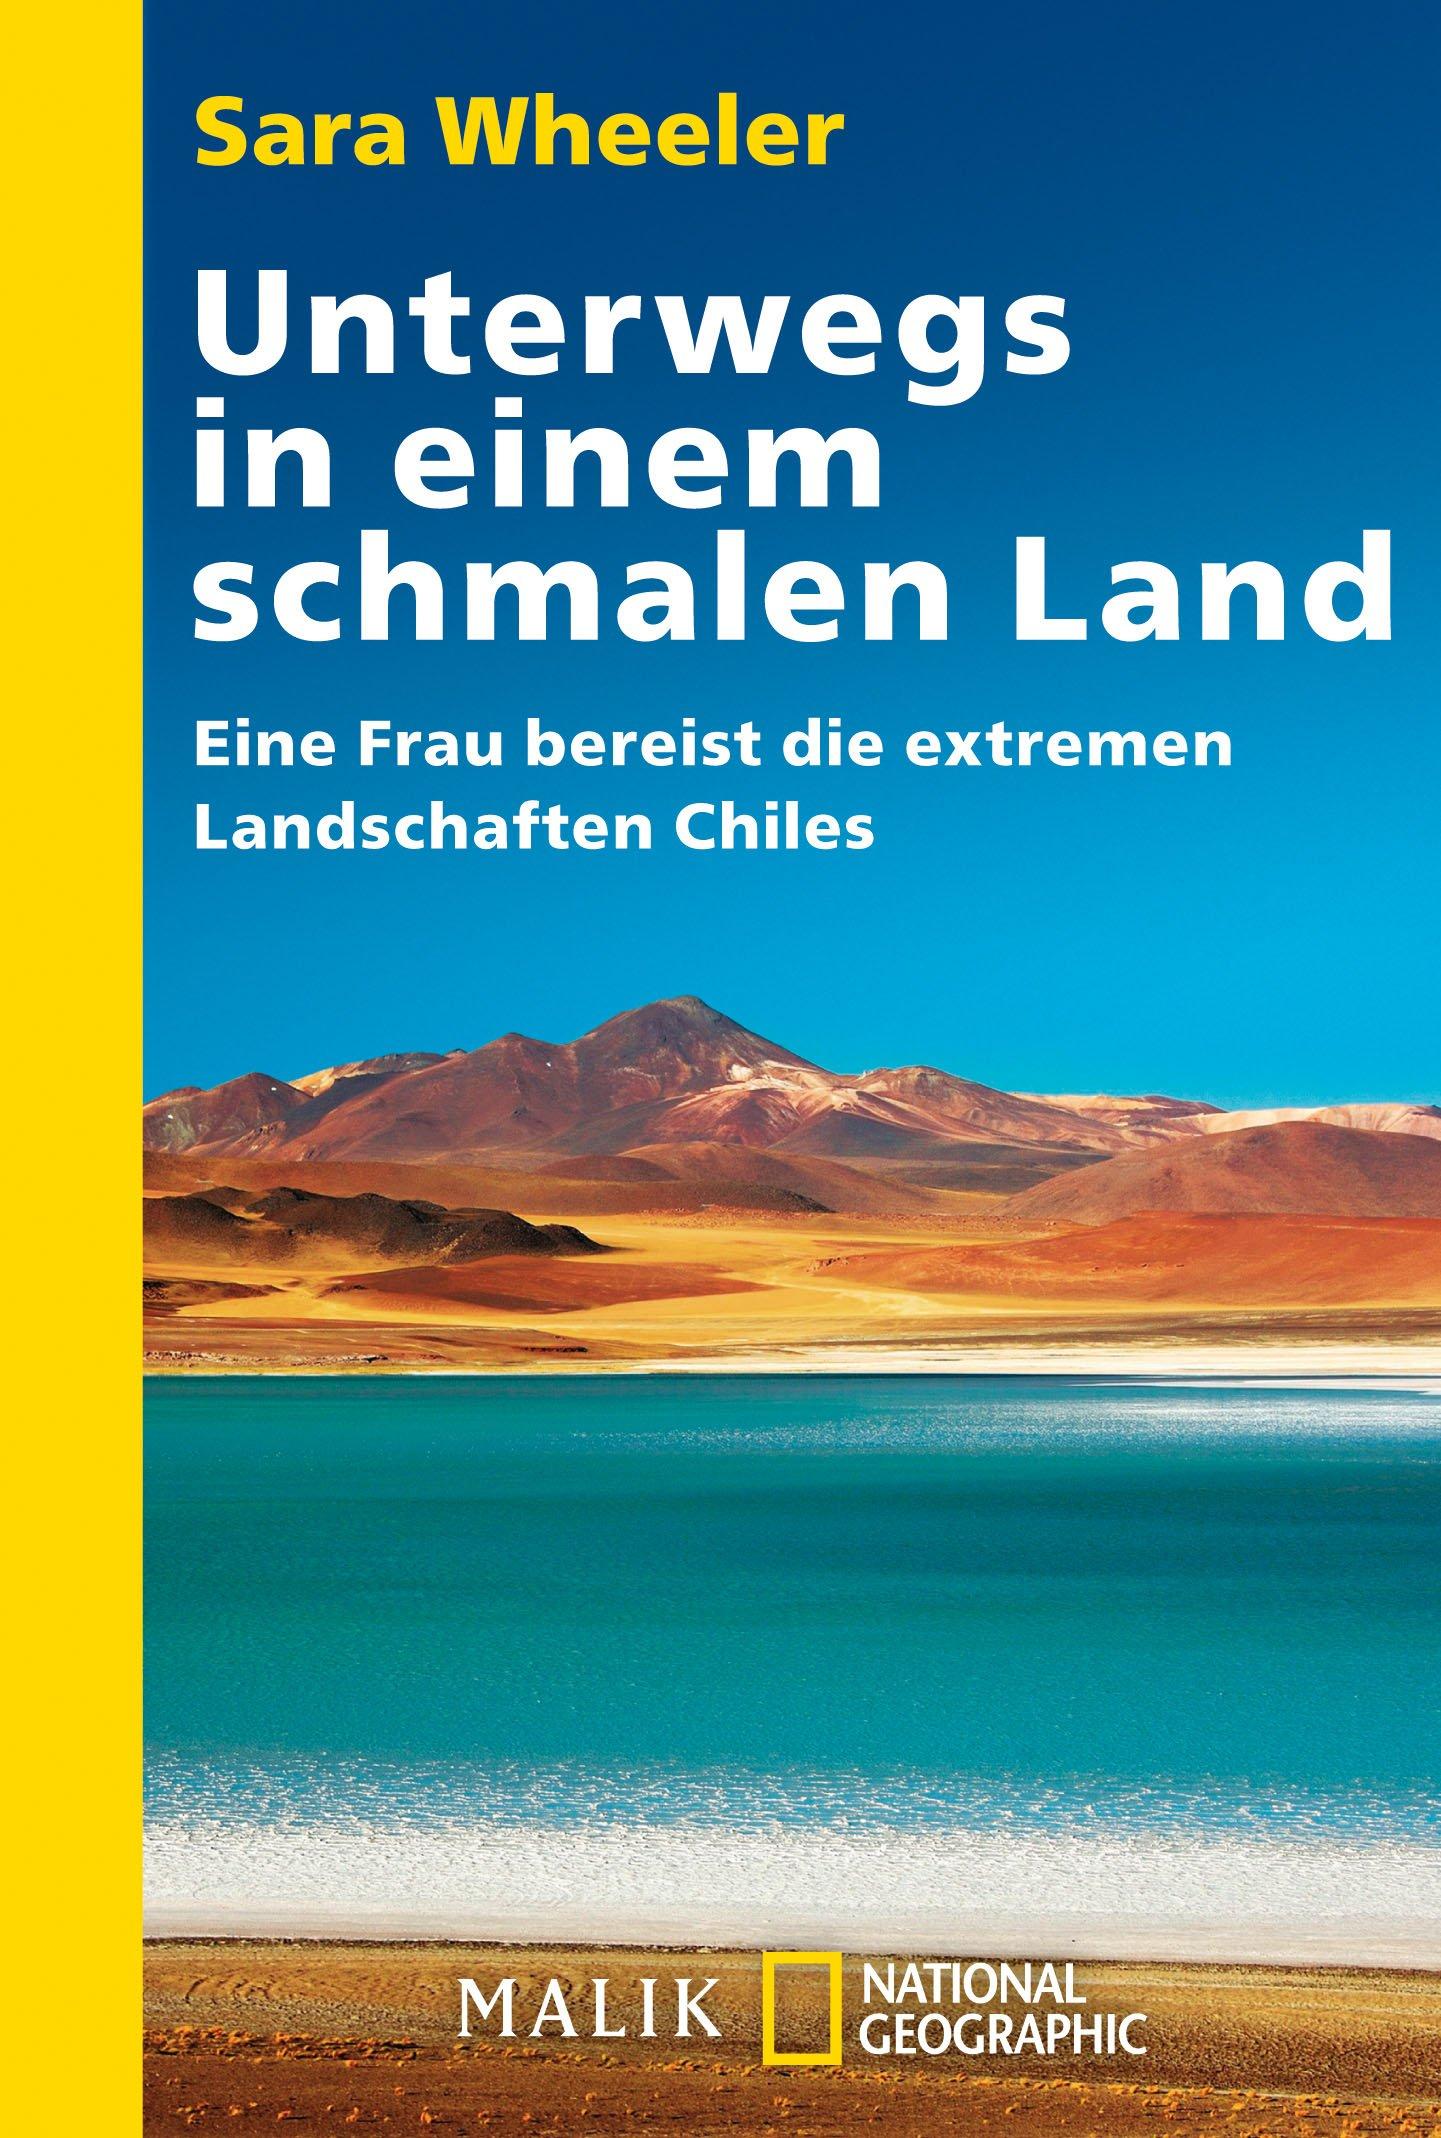 Unterwegs in einem schmalen Land: Eine Frau bereist die extremen Landschaften Chiles